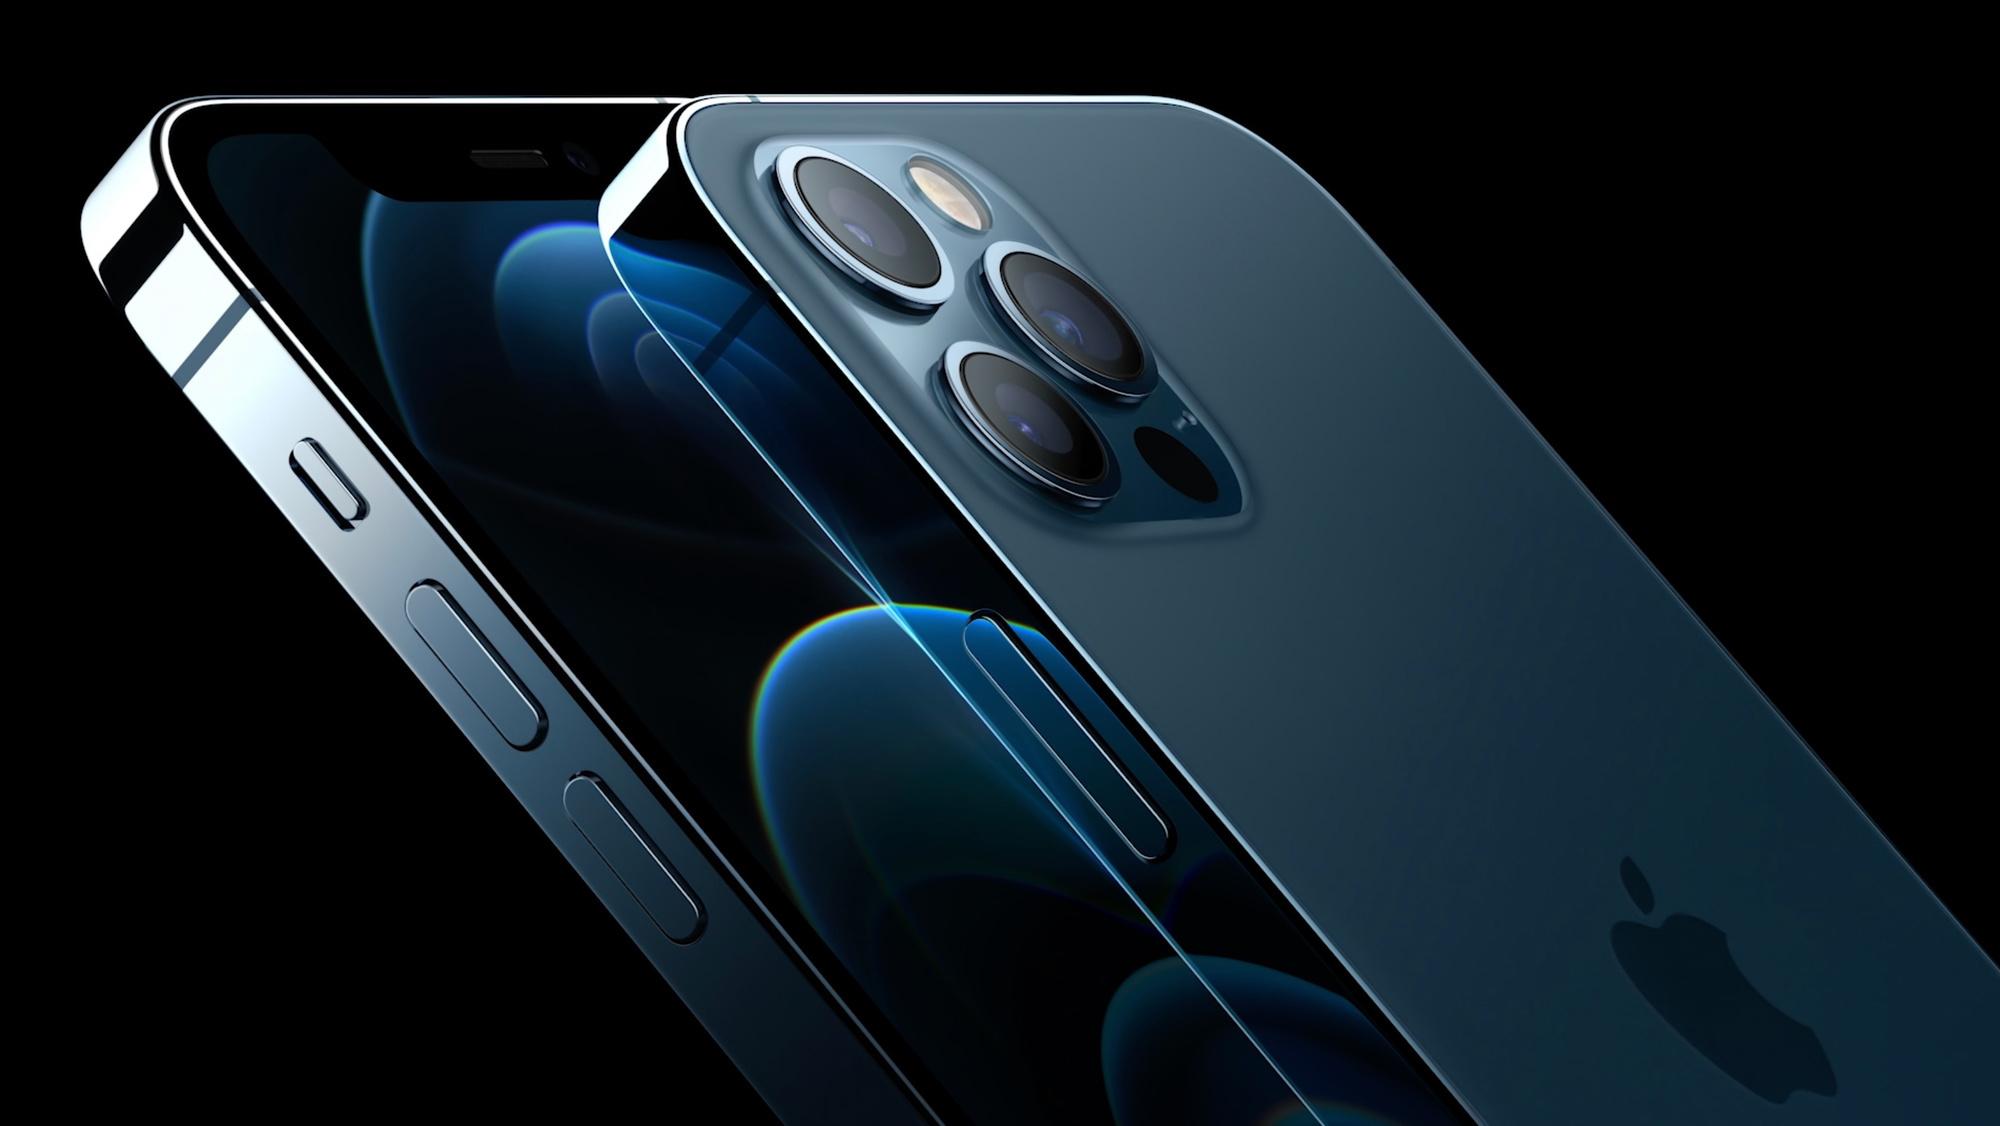 De iPhone 12 Pro., Apple